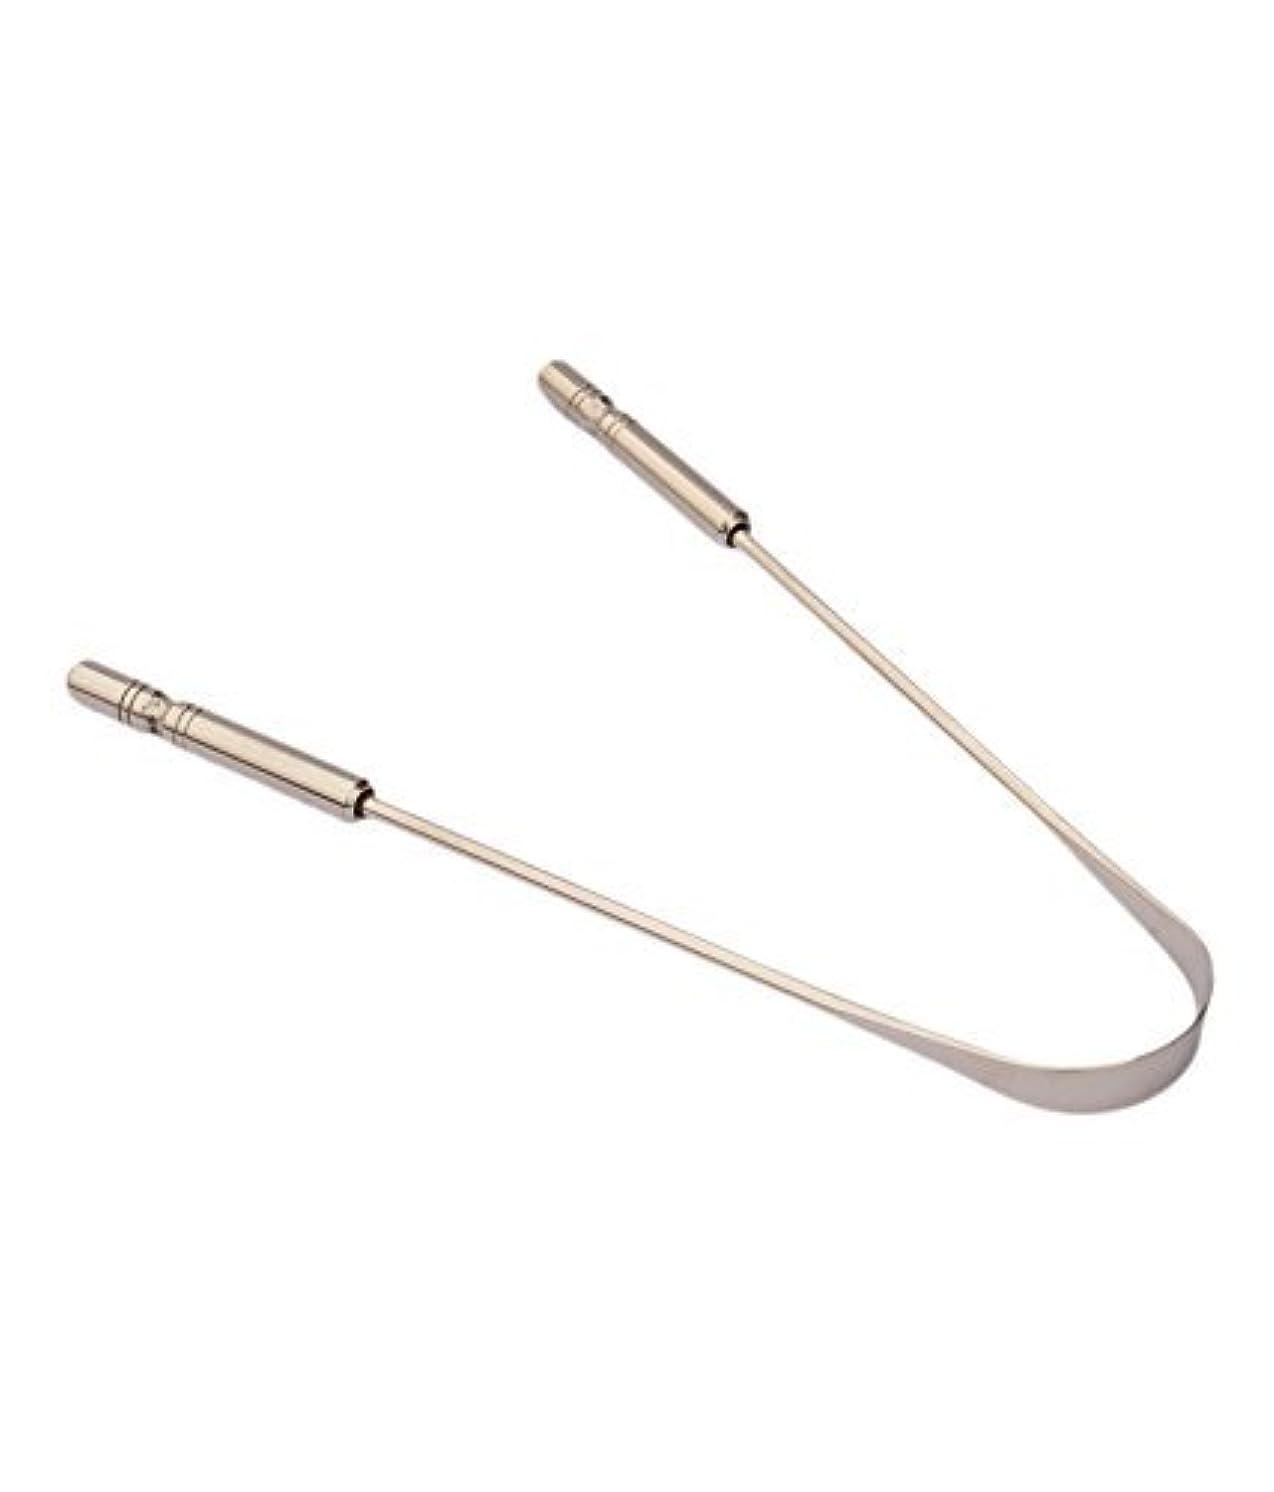 それに応じて母昼食2 Pcs Absolute Ayurvedic Tongue Cleaner (Stainless Steel) for Men and Women Oral Care Recommended By Professional...